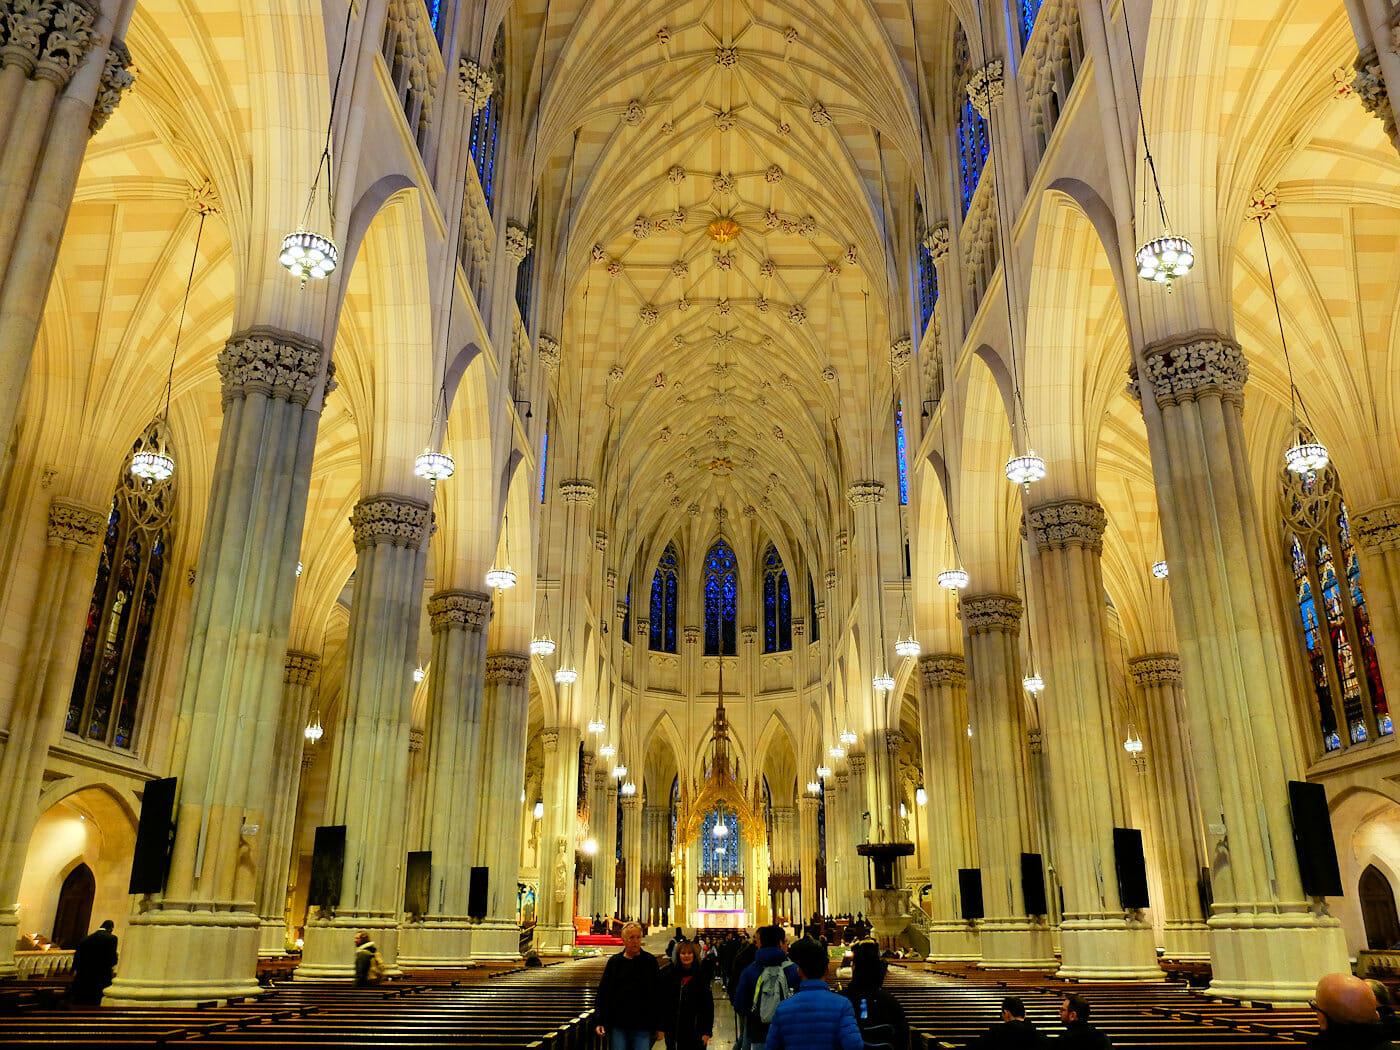 La Cathédrale Saint Patrick à New York - Architecture